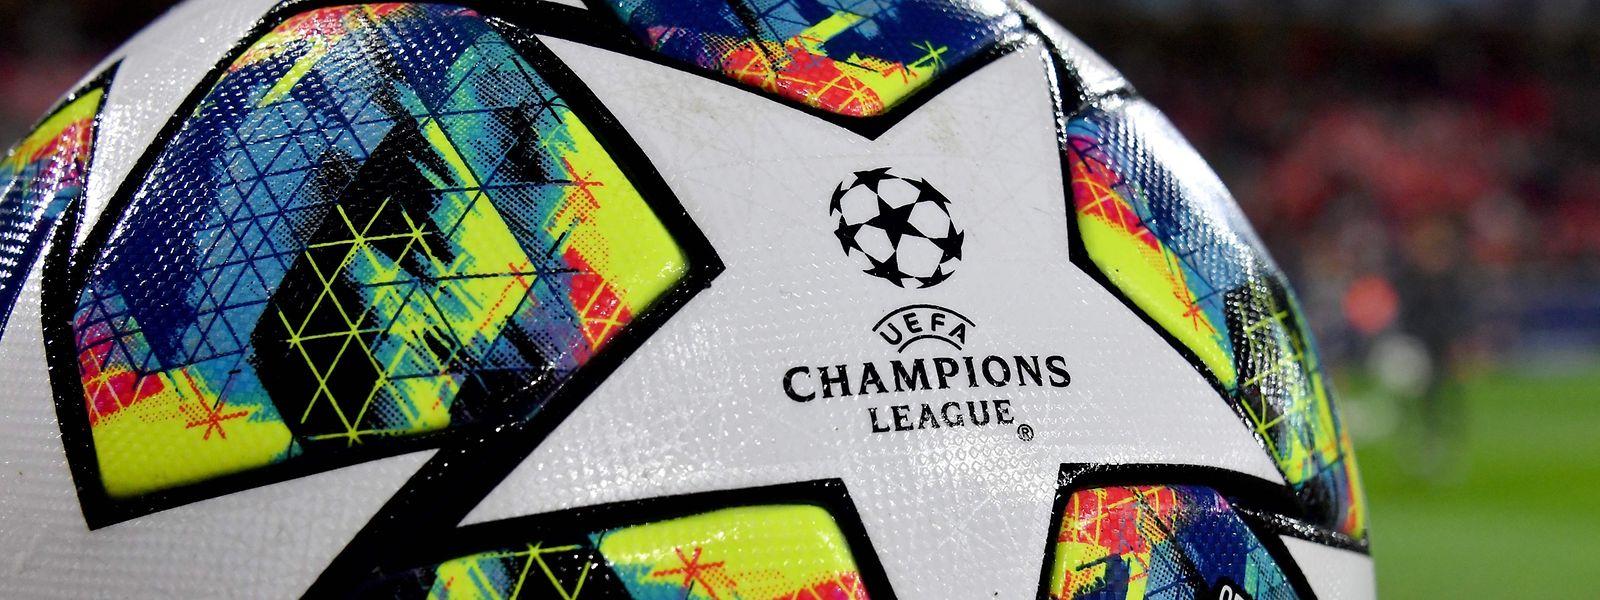 Doze clubes europeus, incluindo AC Milan, FC Barcelona, Juventus, Real Madrid e Tottenham, propuseram recentemente a criação de uma Superliga europeia.